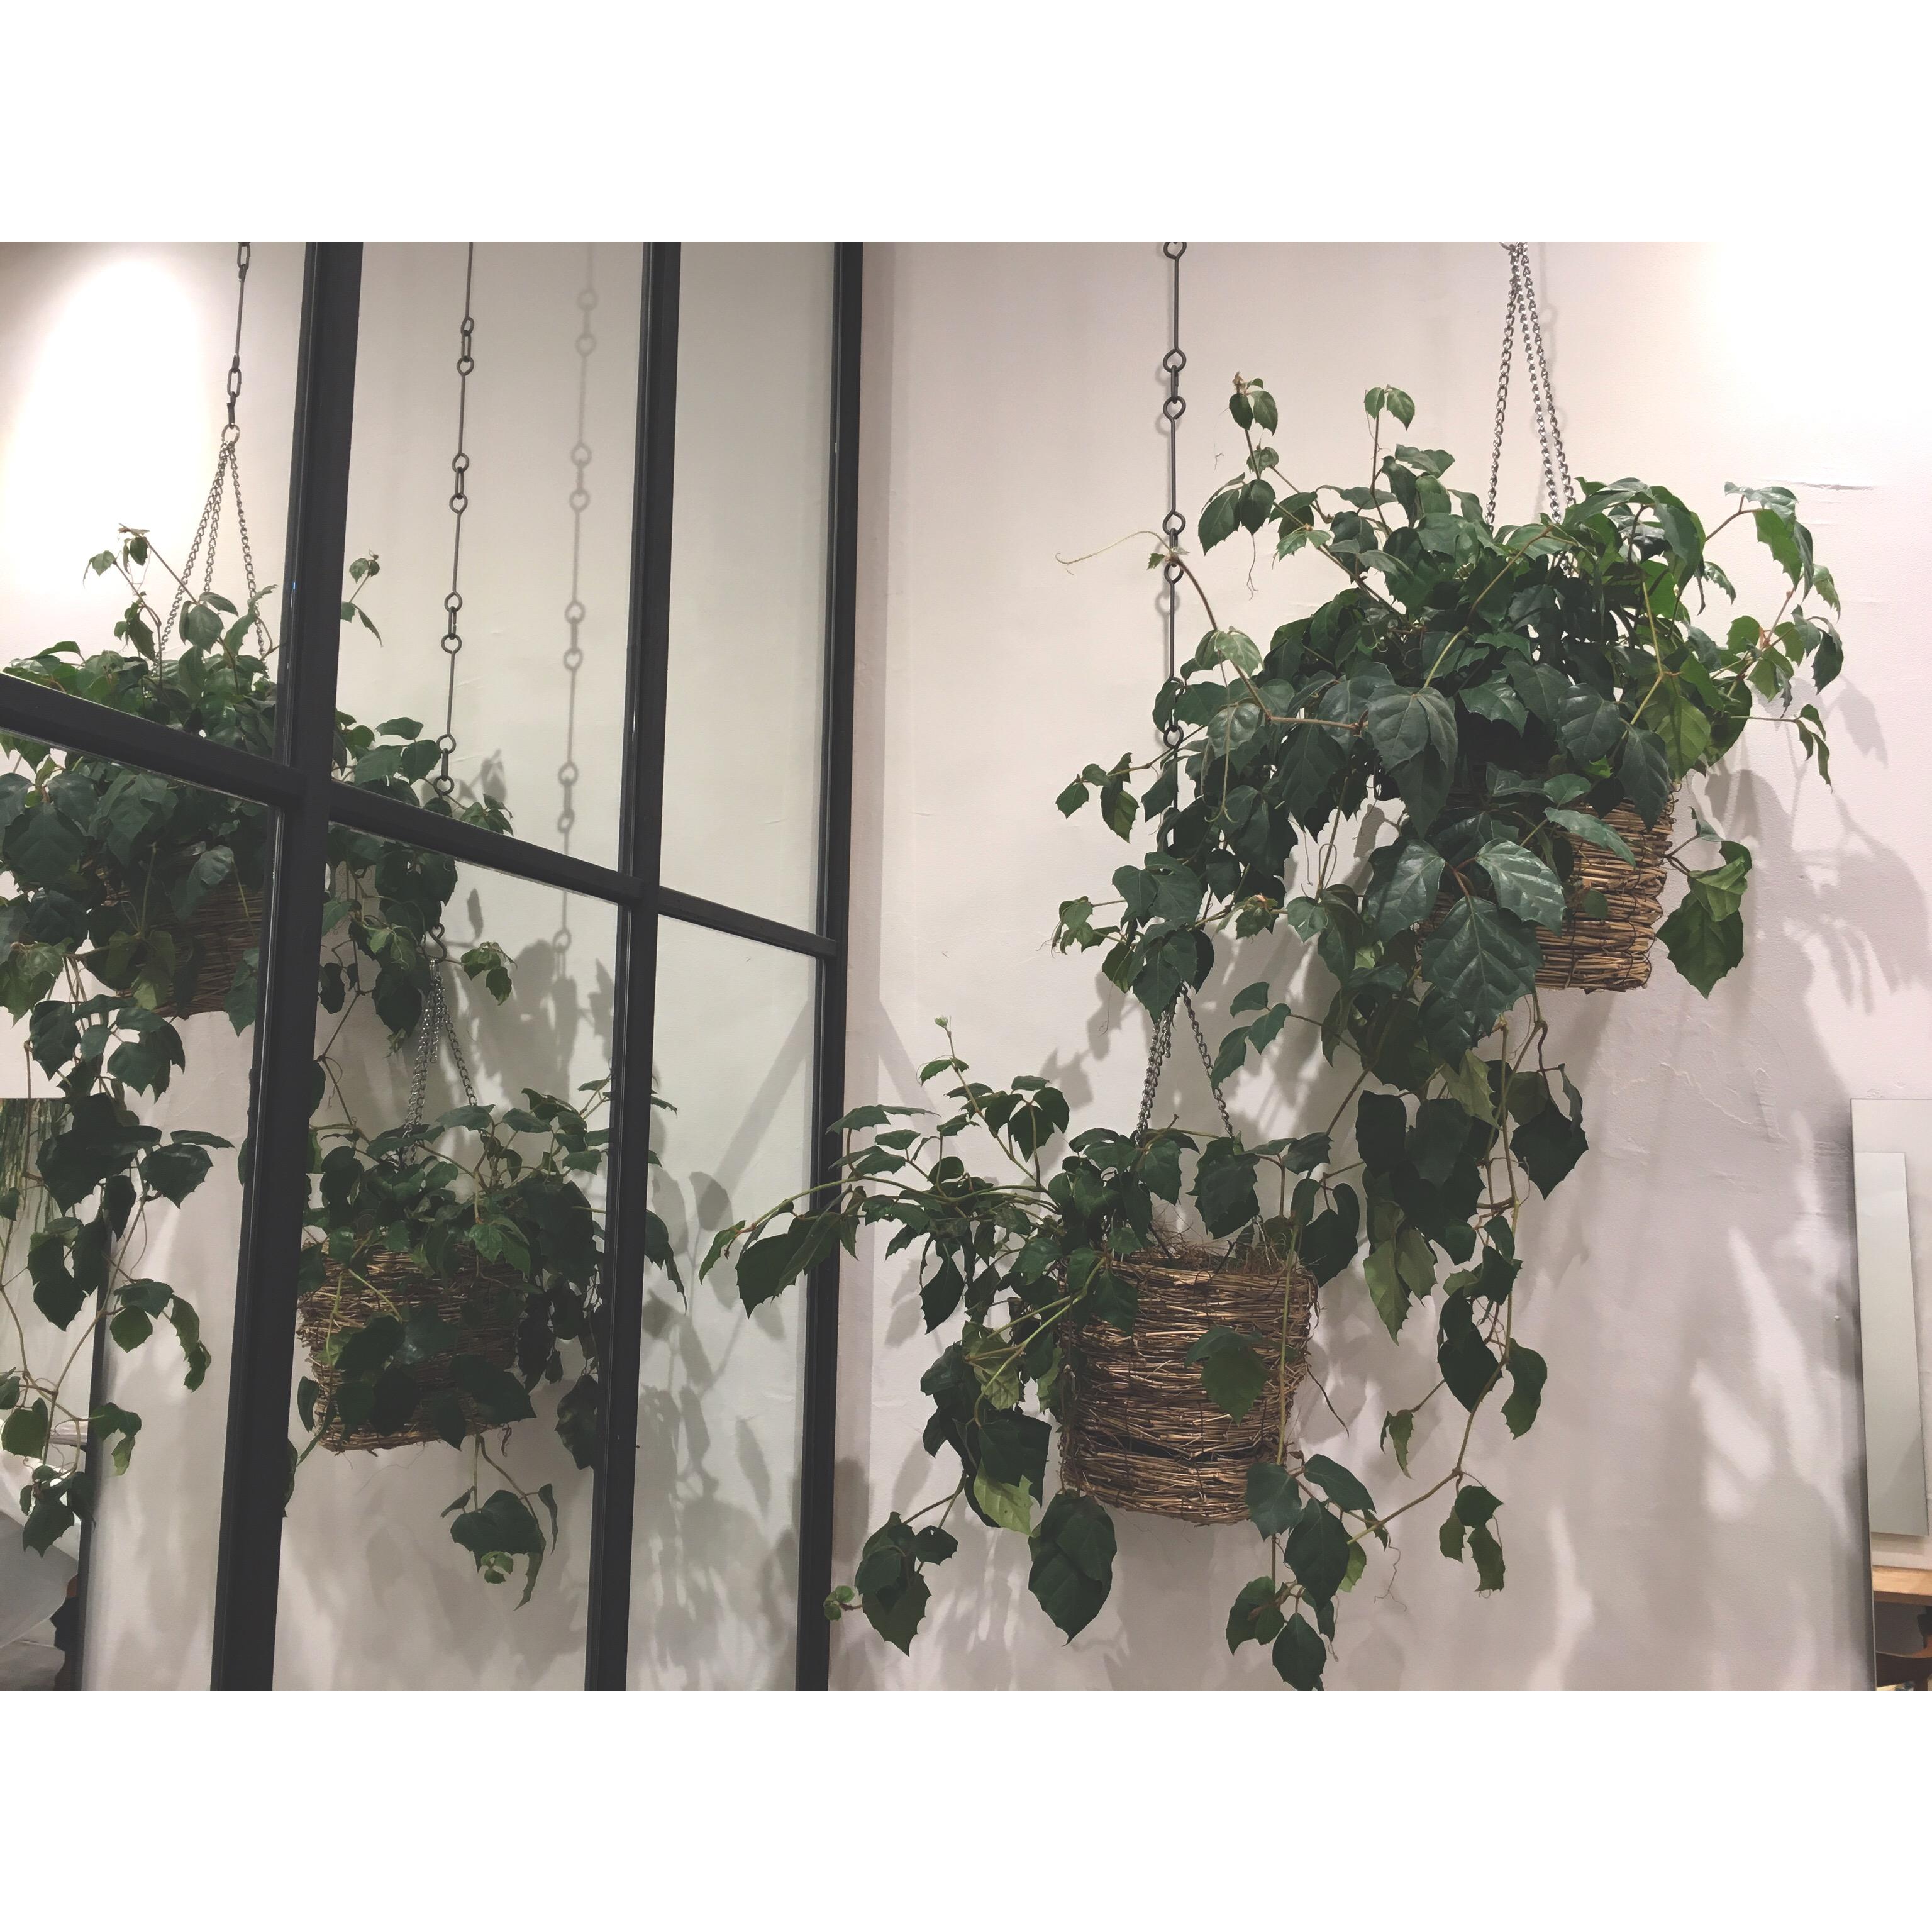 植物が成長してます!